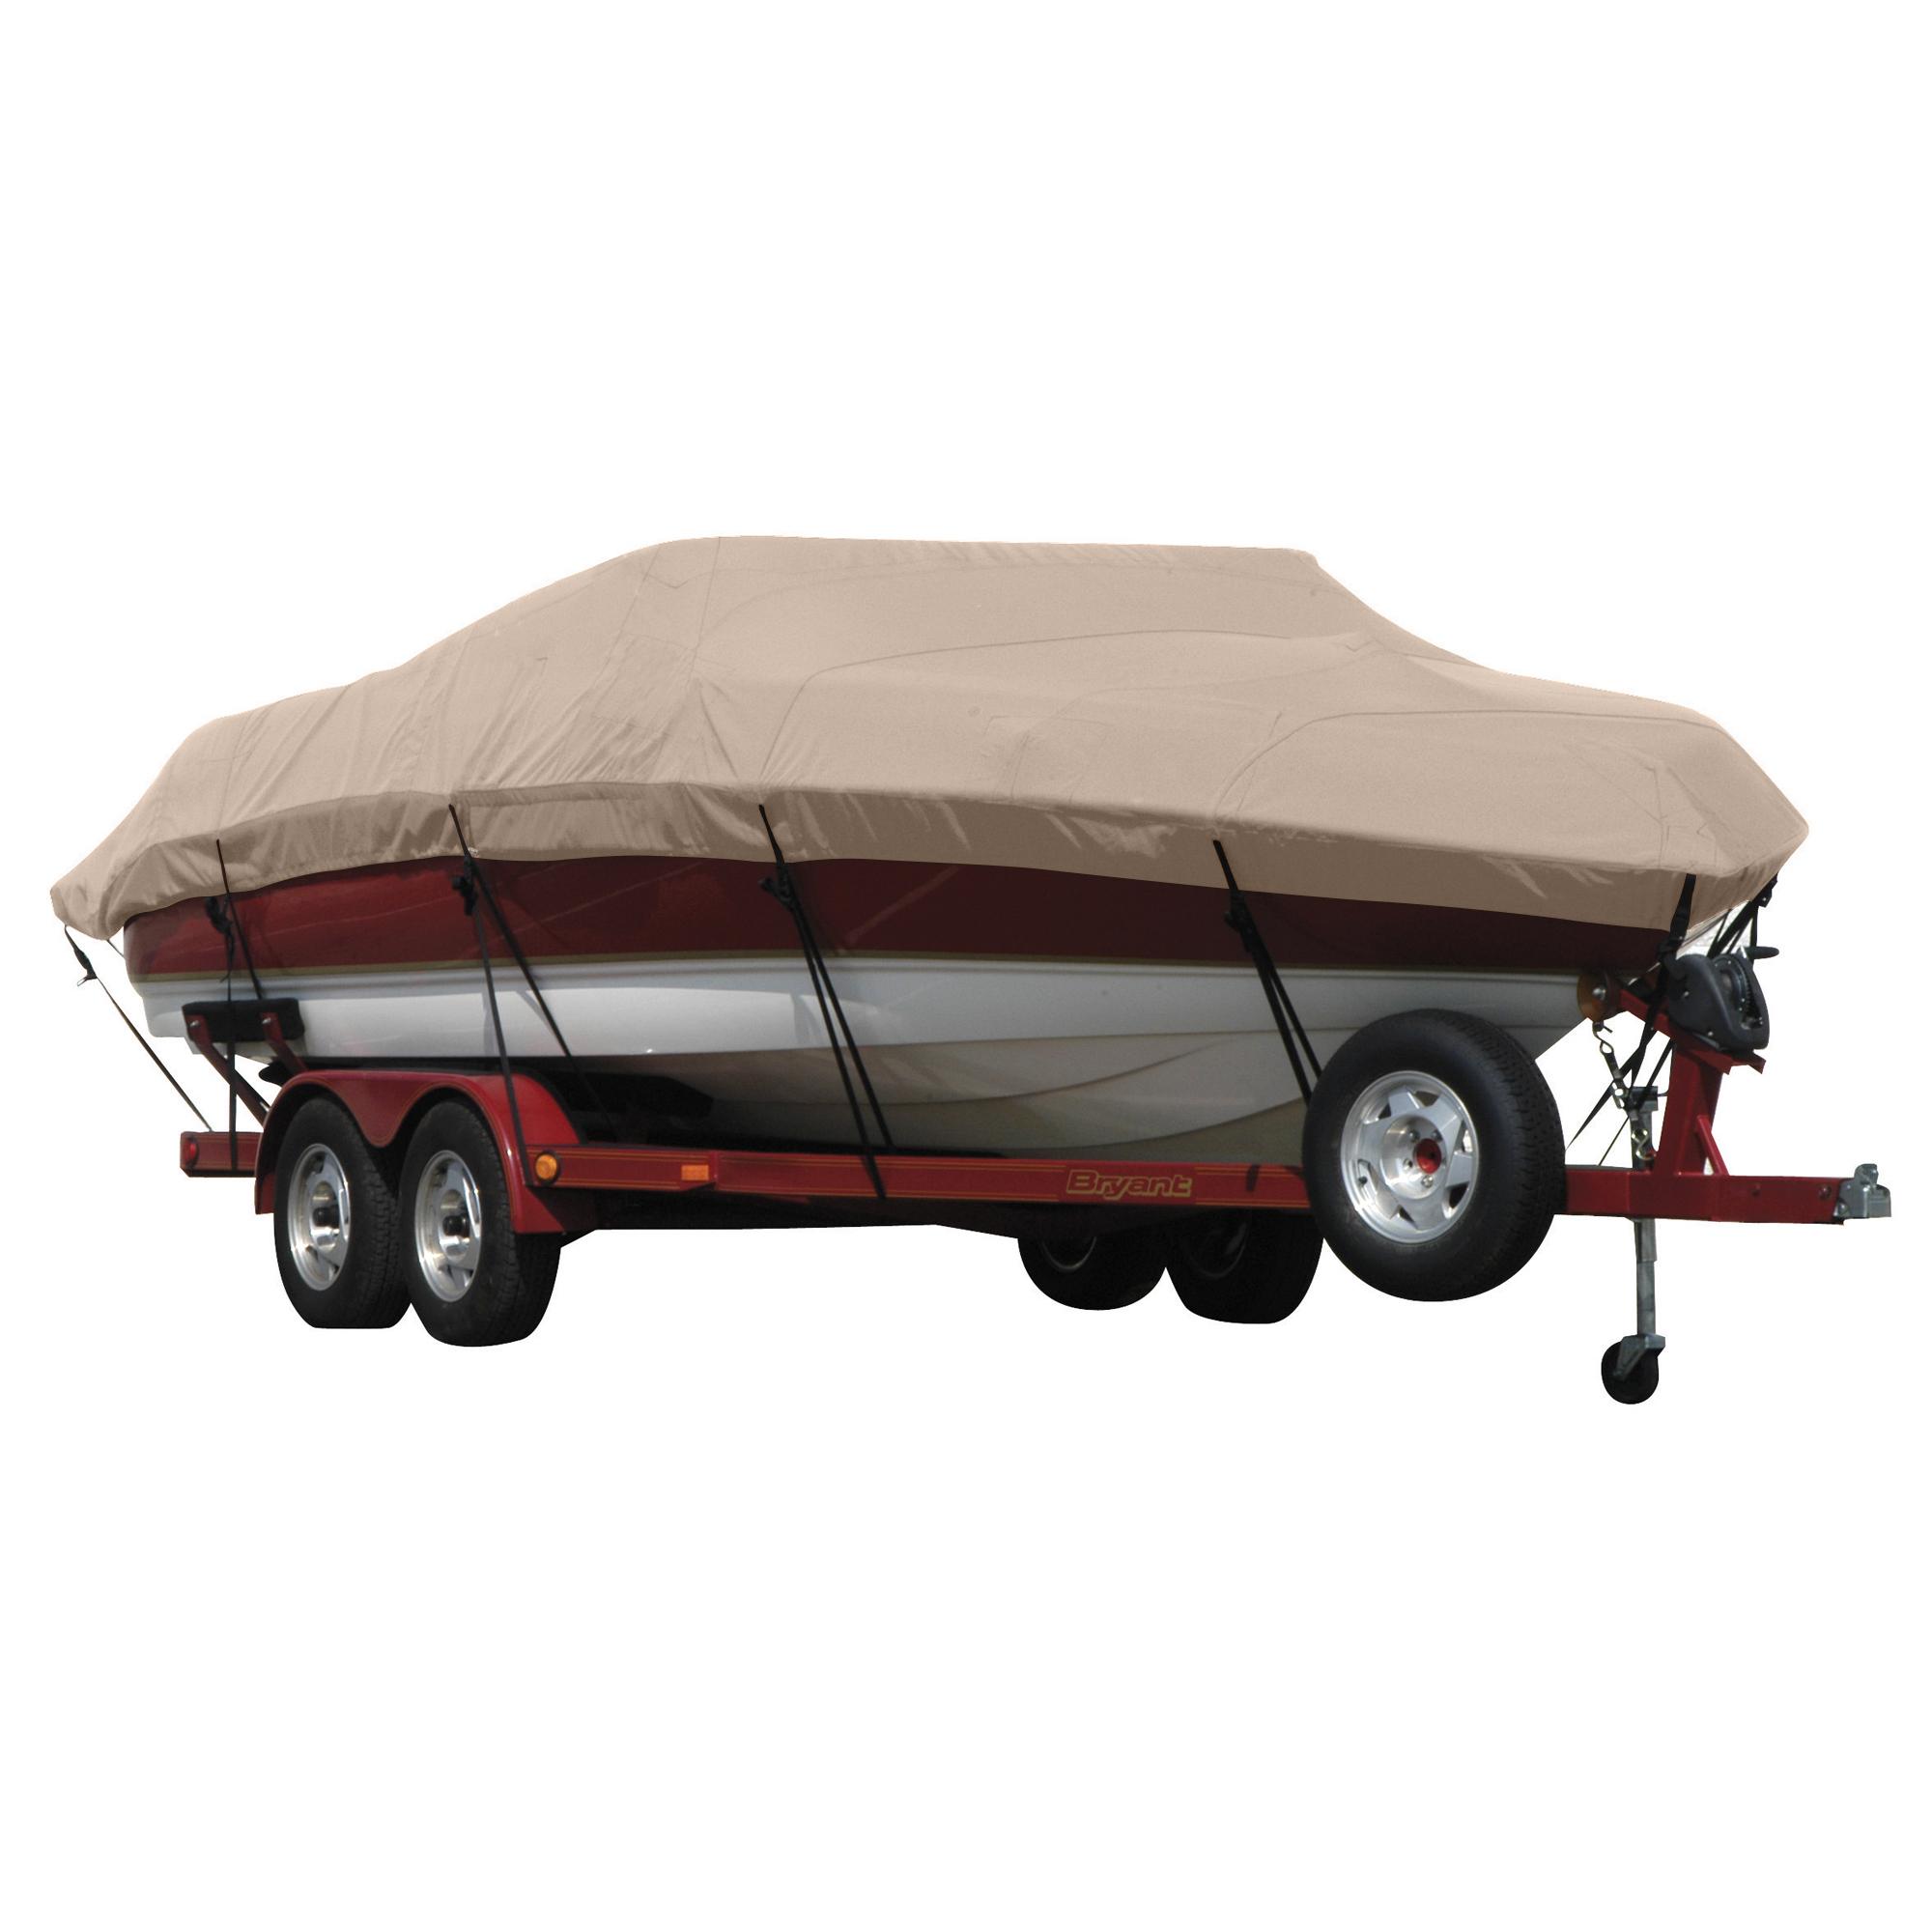 Exact Fit Covermate Sunbrella Boat Cover for Princecraft Super Pro 176 Super Pro 176 Fish N Promenade W/Ski Rope Guard O/B. Linnen thumbnail